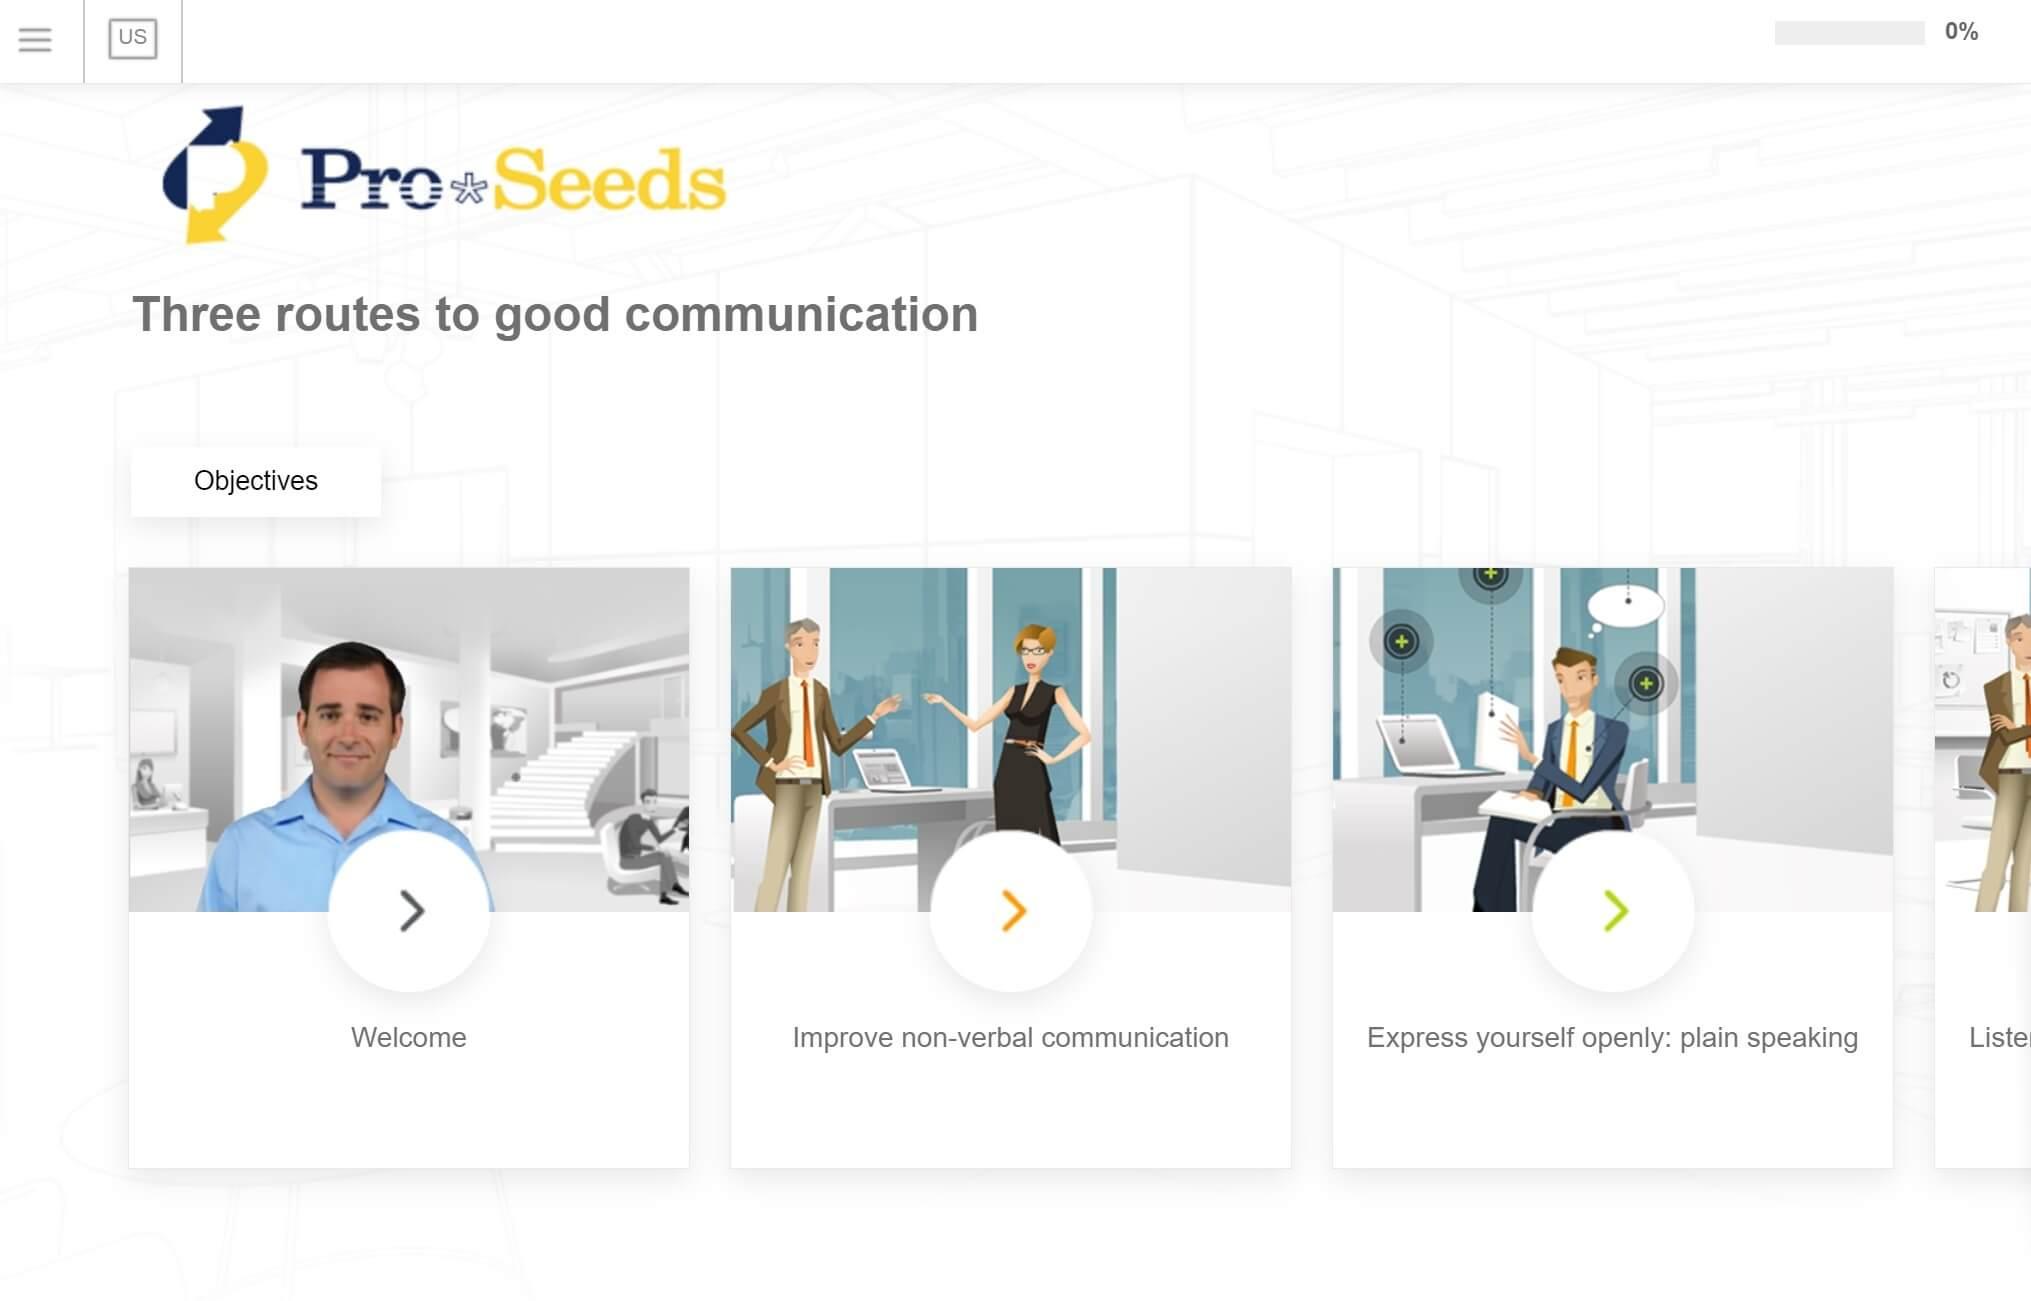 Ba cách để giao tiếp tốt